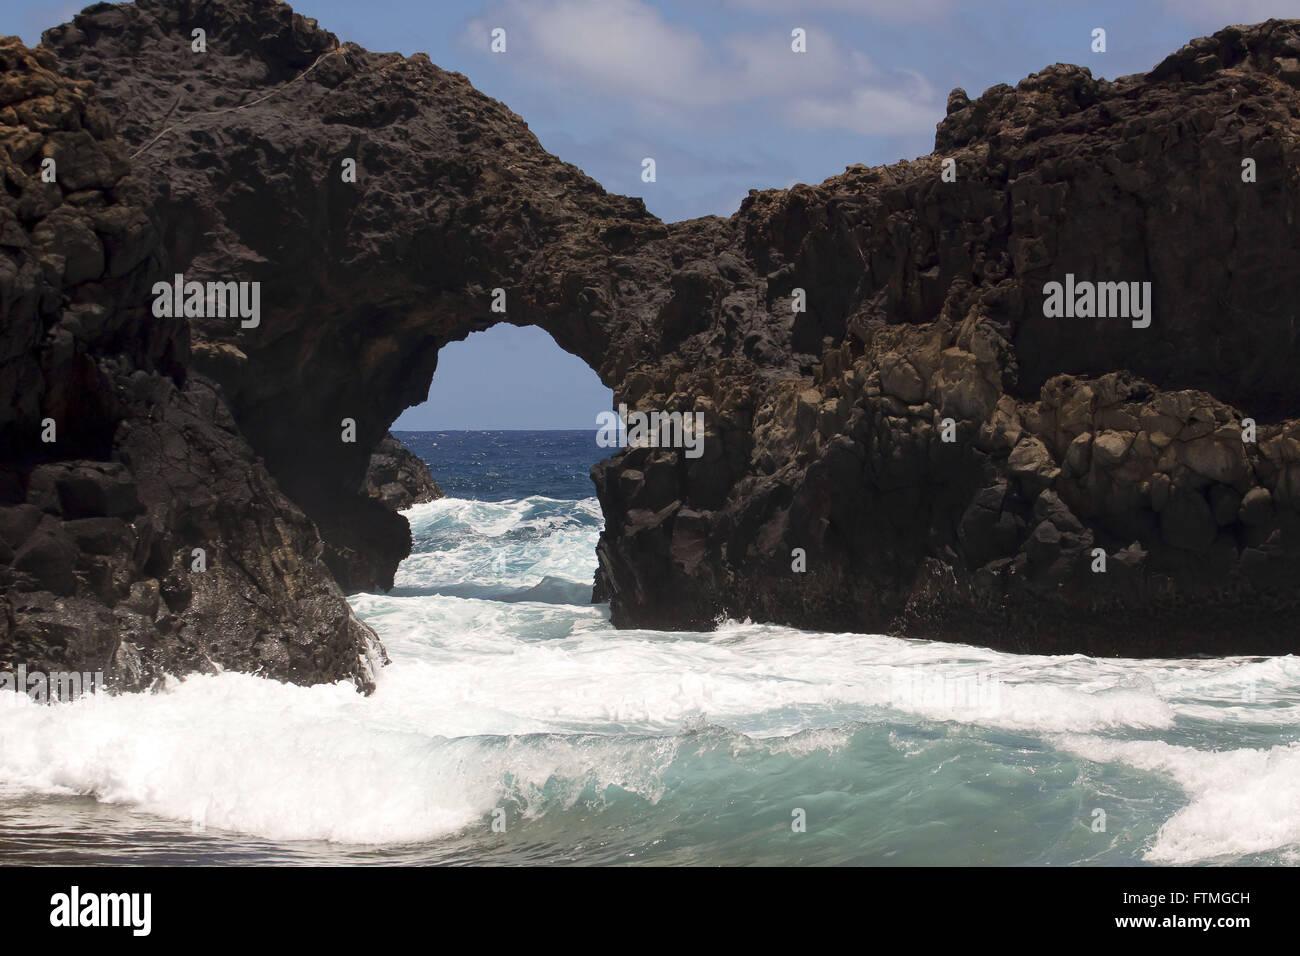 Vulkangestein durchbohrt durch die Kraft des Wassers auf der Insel Trinidad im Atlantischen Ozean Stockbild